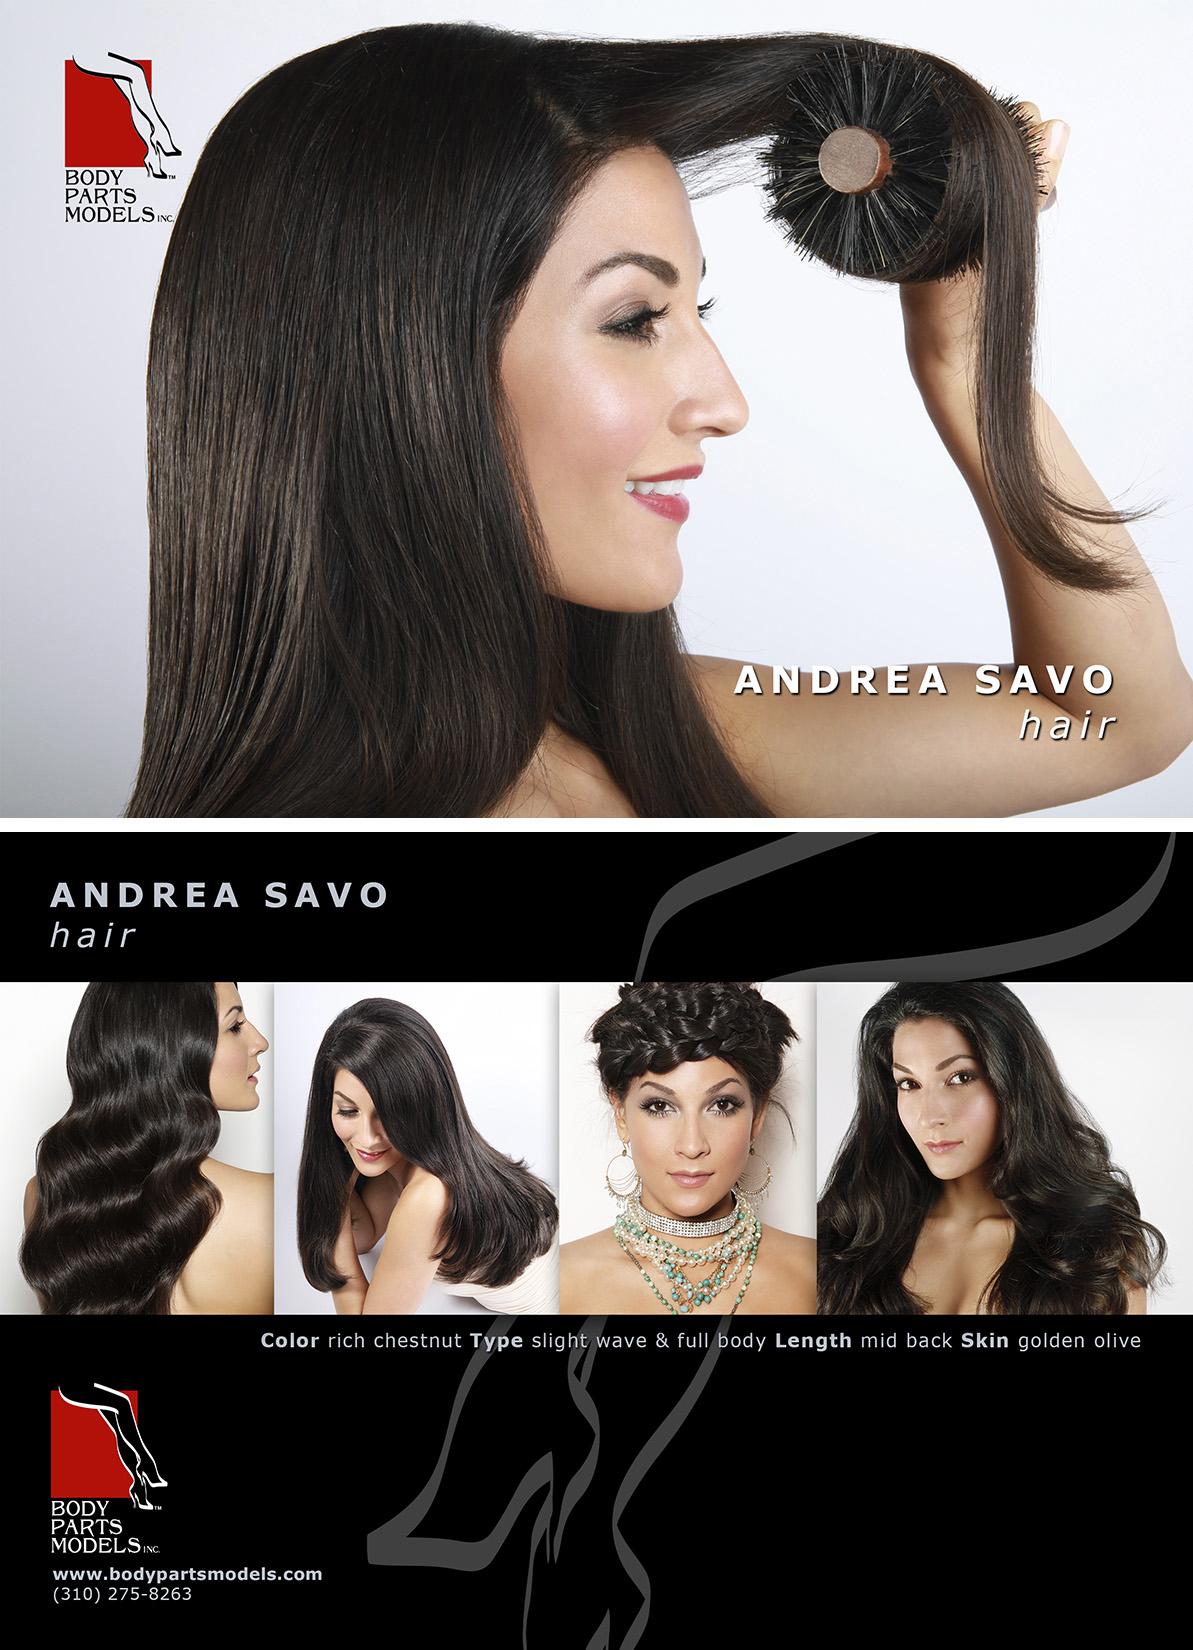 Andrea Savo